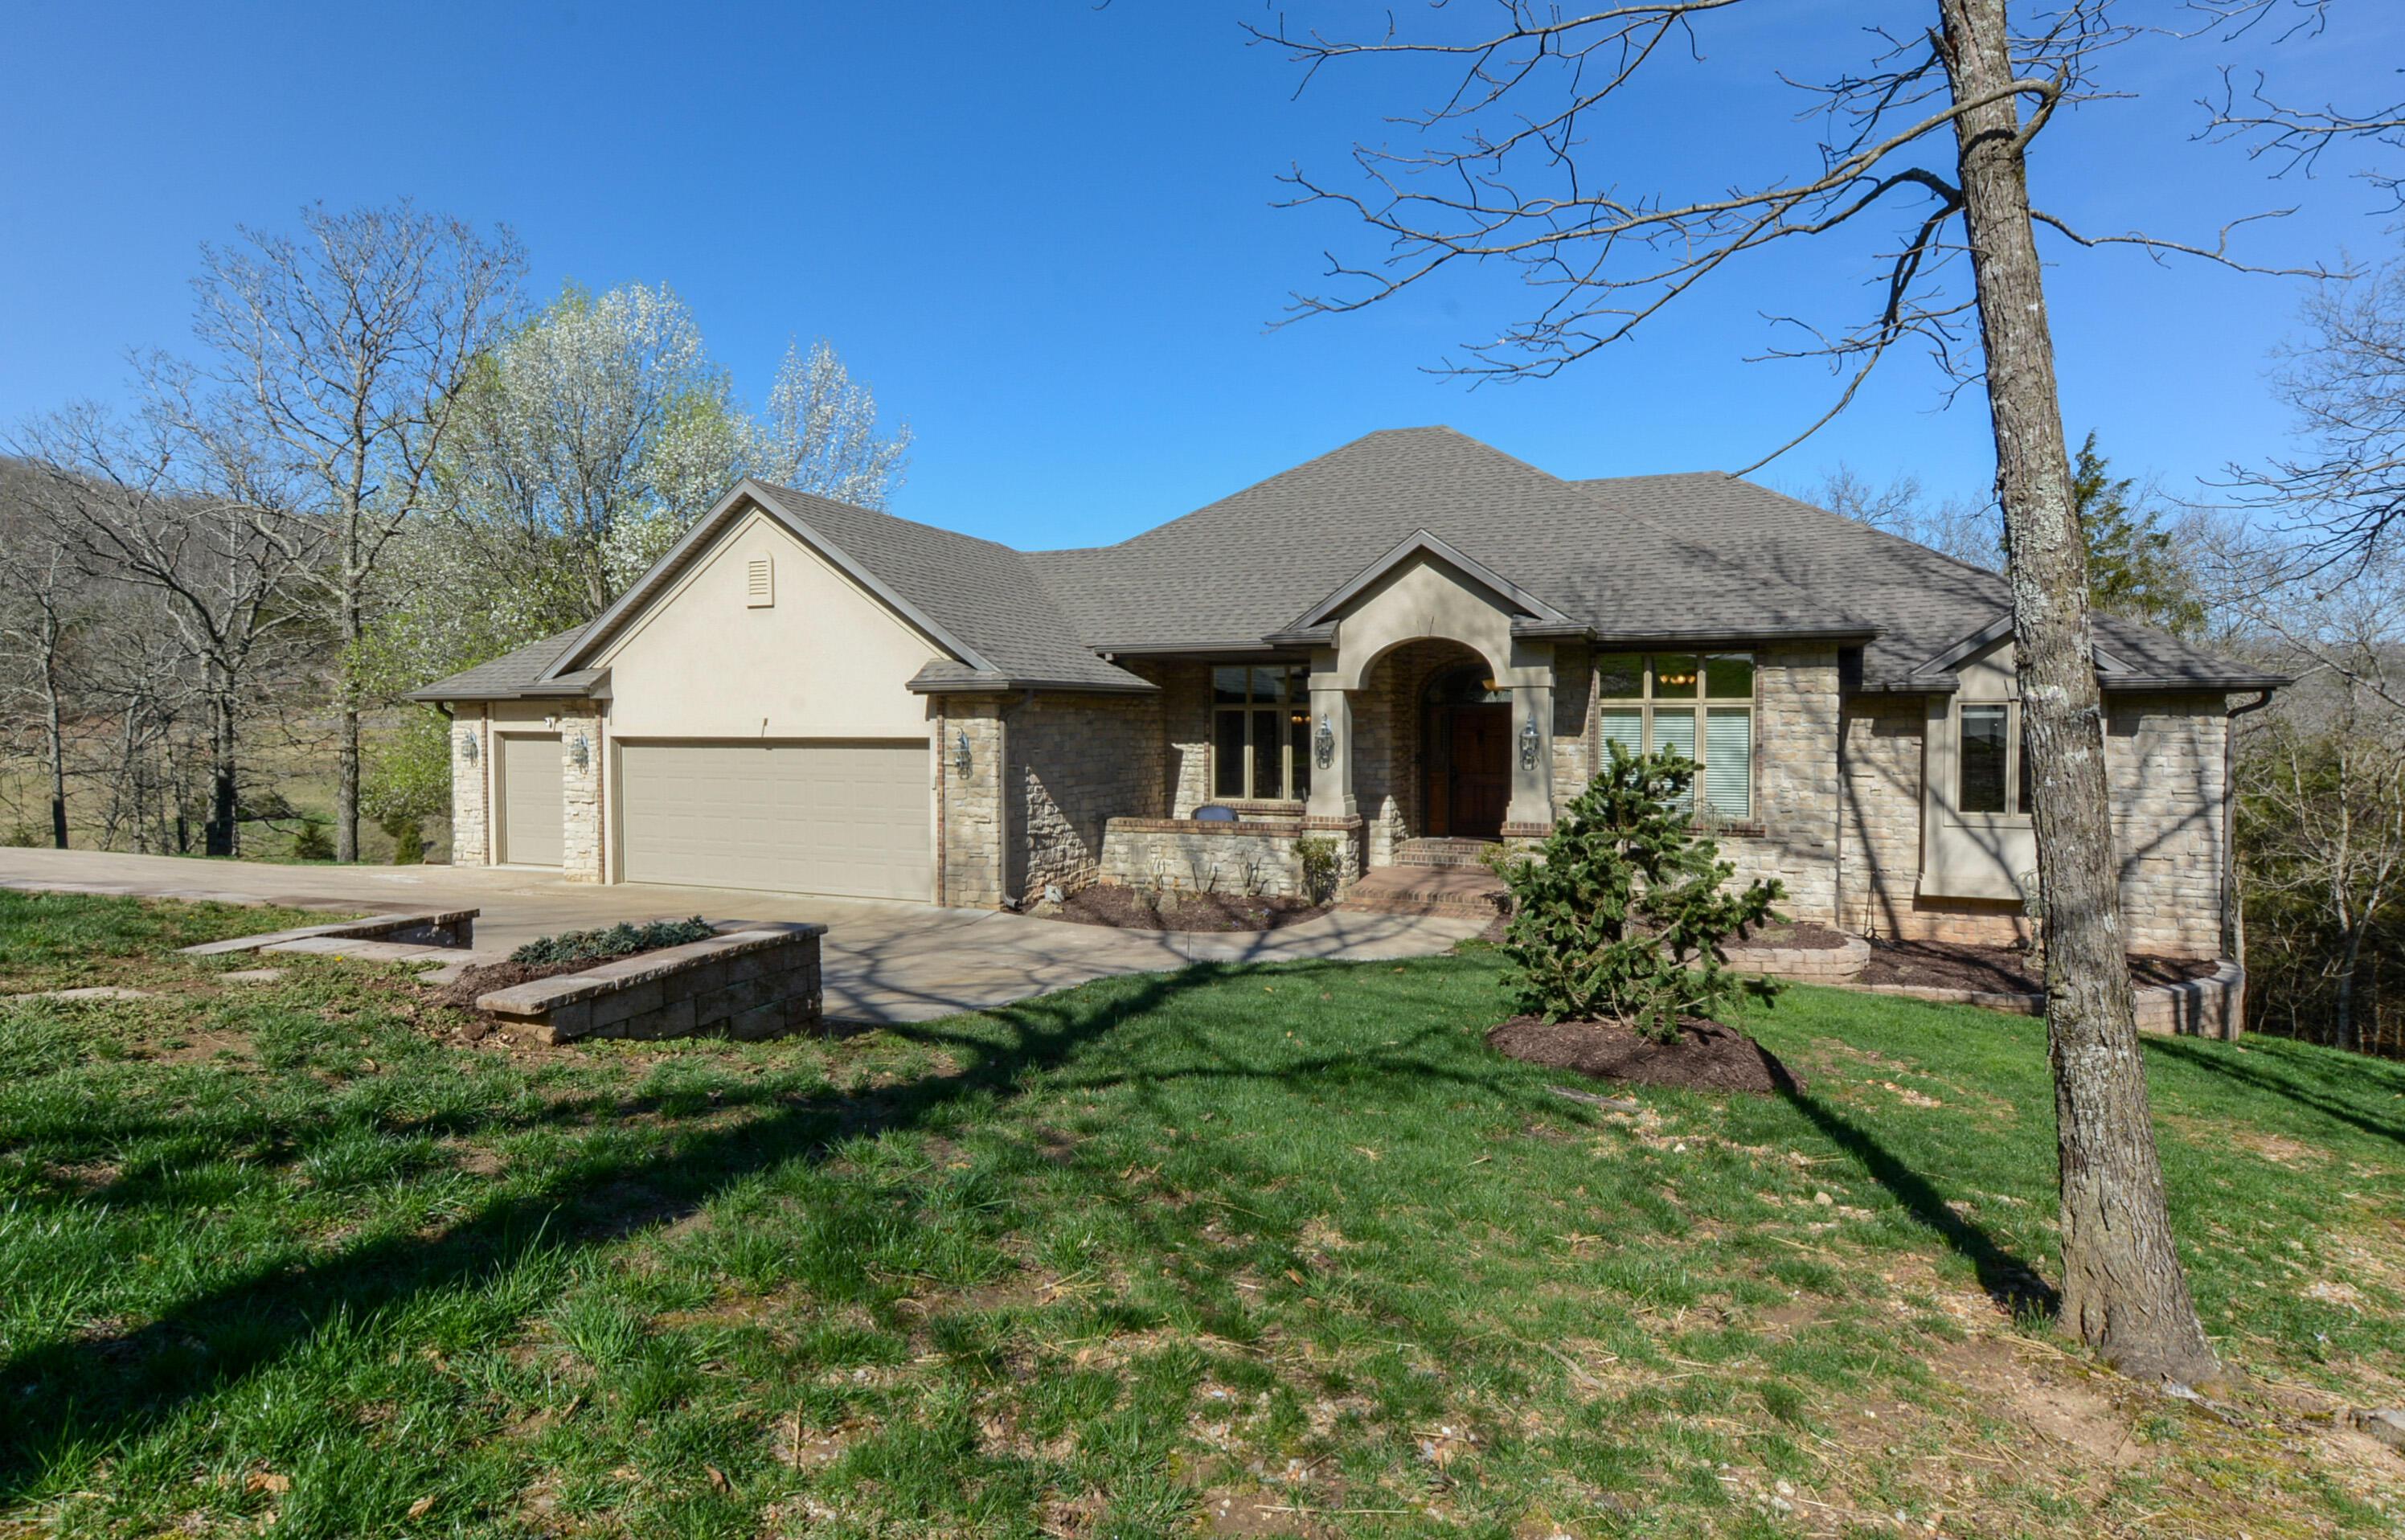 1409 Stoneycreek Circle Reeds Spring, MO 65737